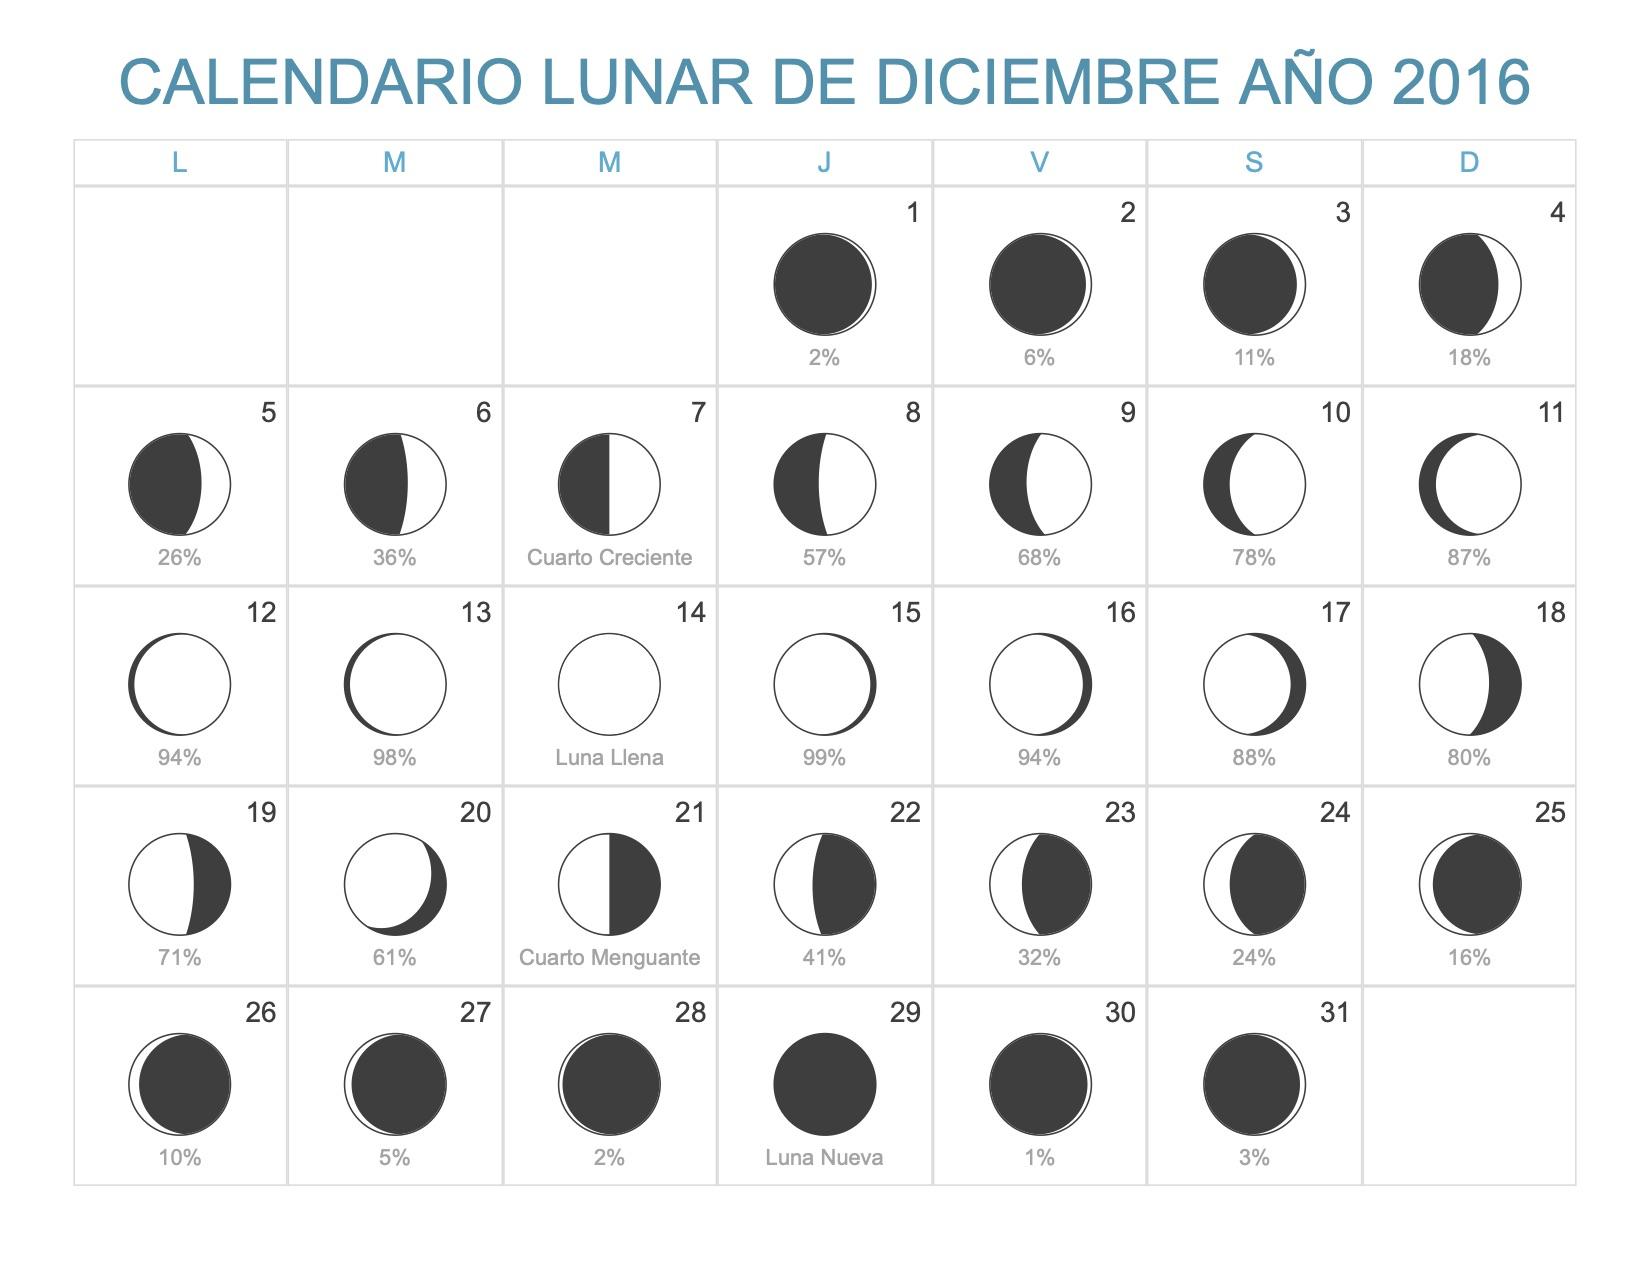 Calendario Lunar Diciembre 2016